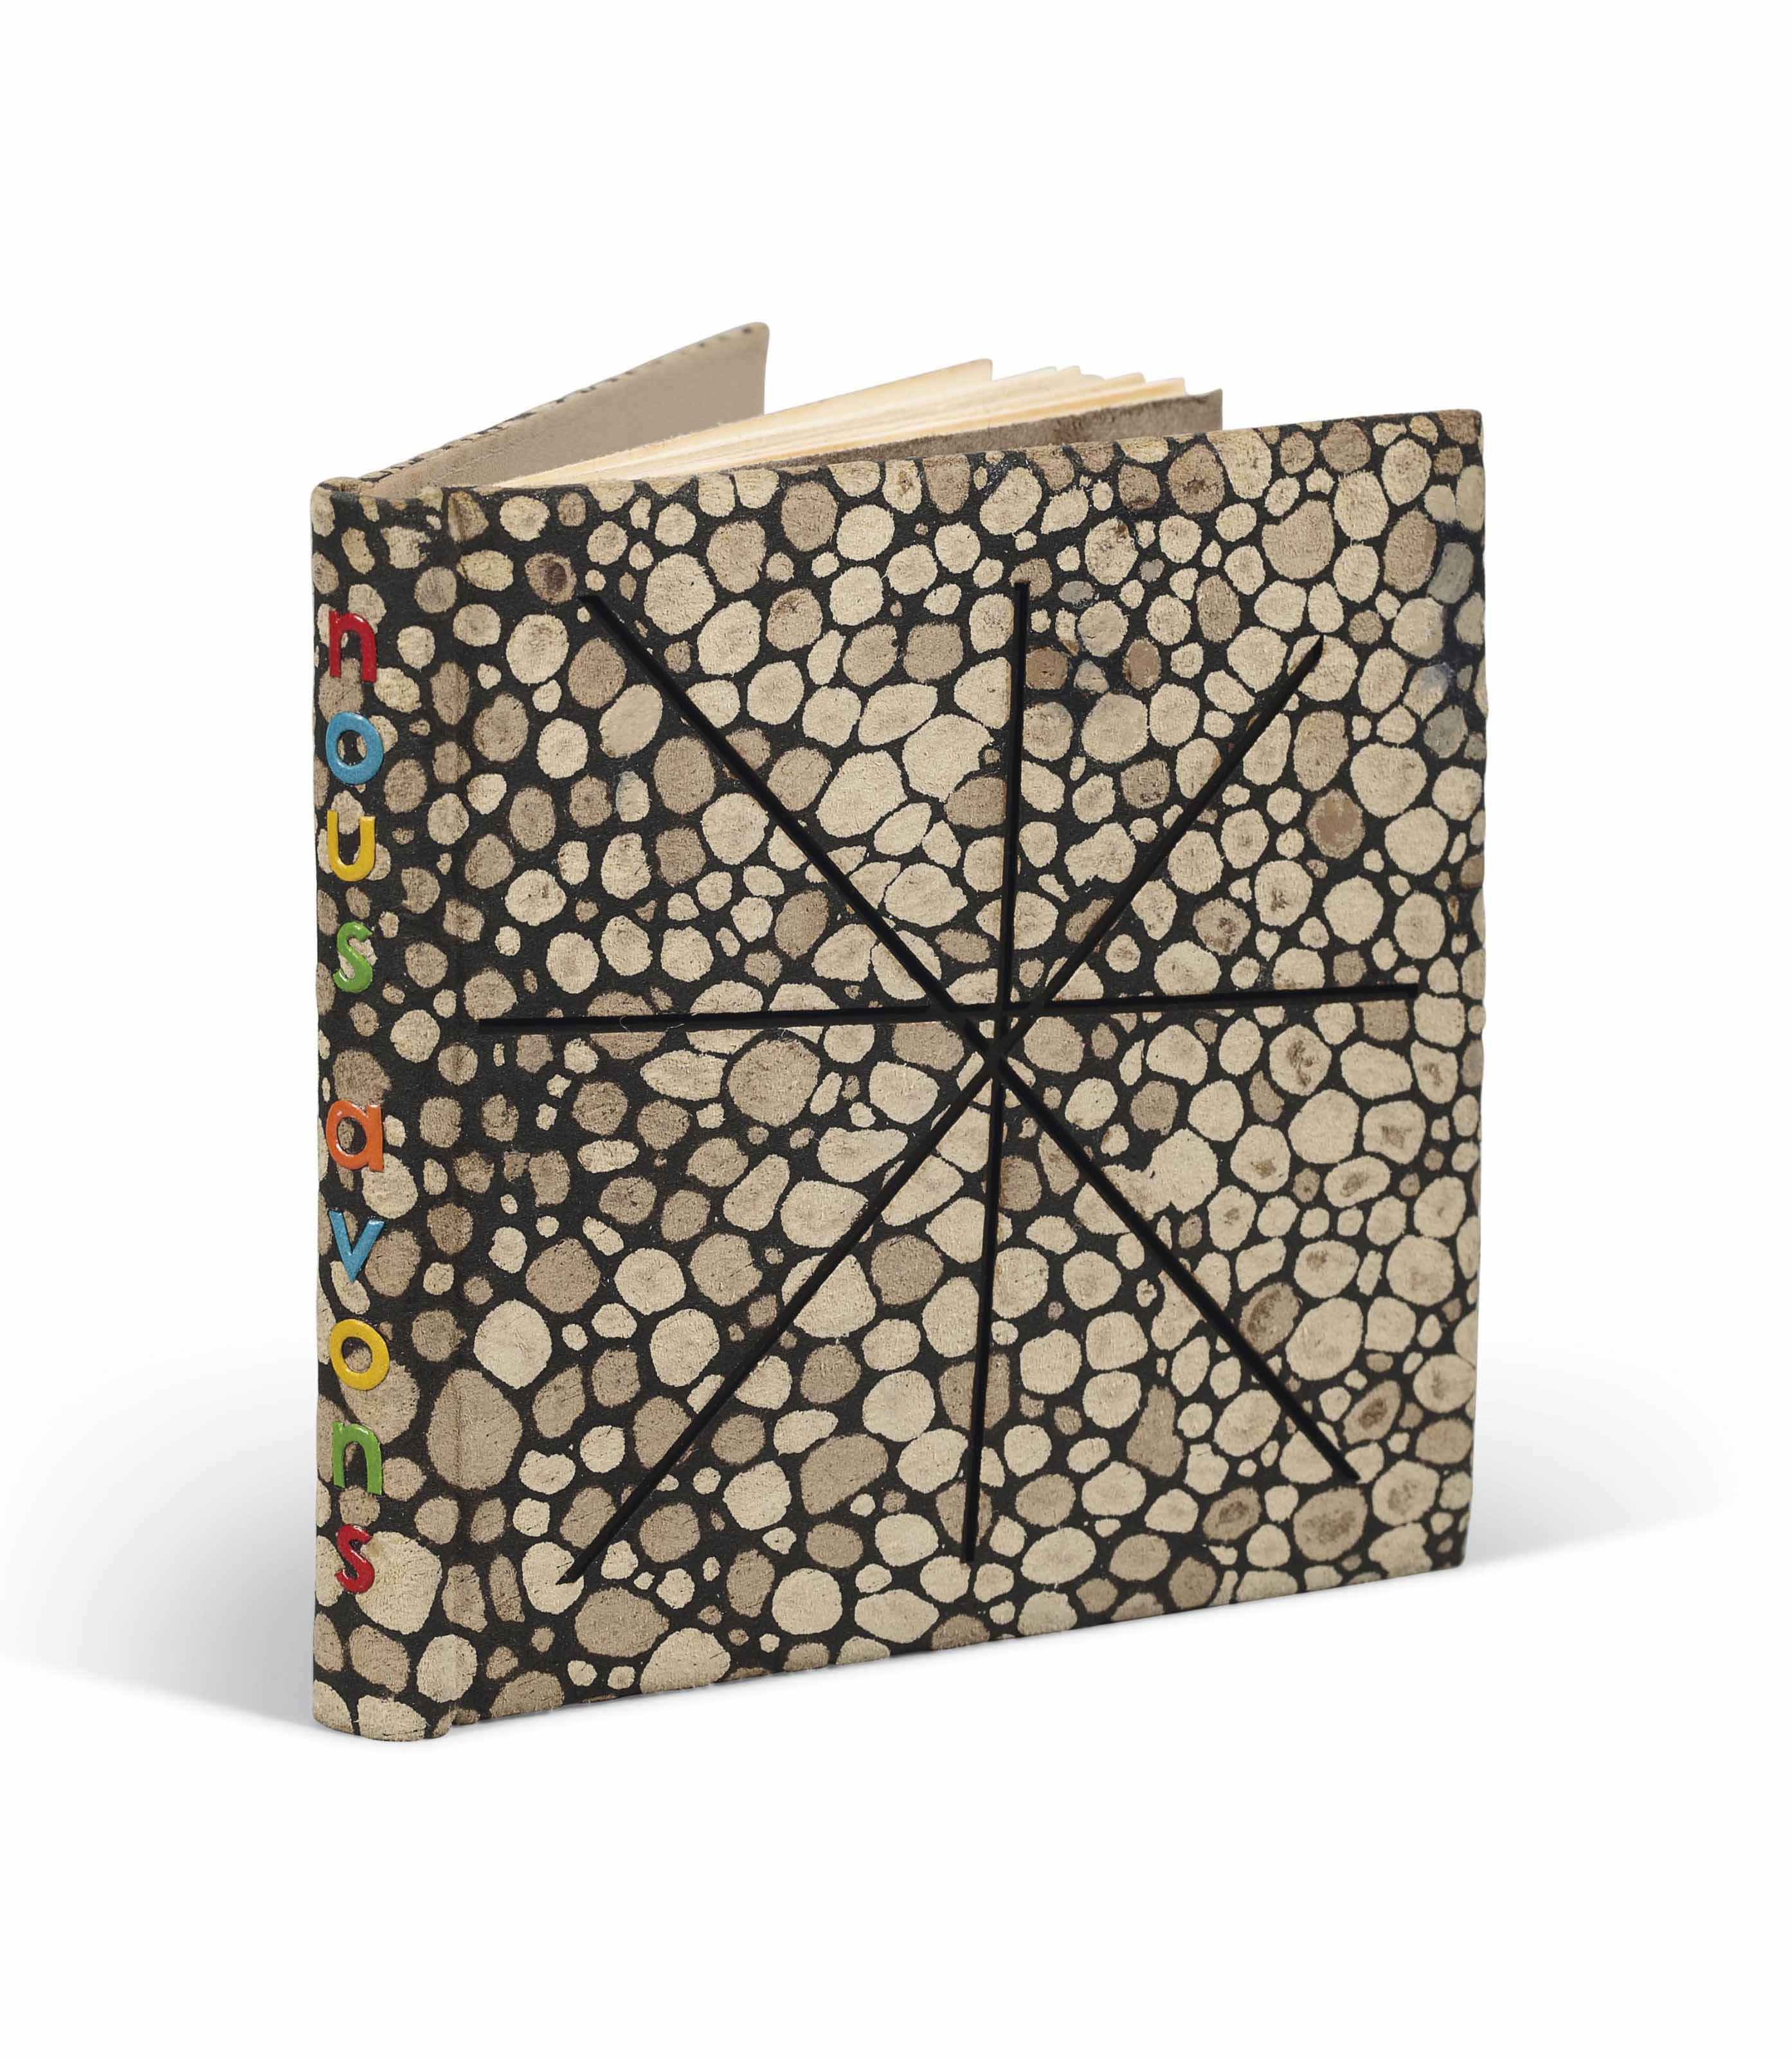 [MIRÓ] – René CHAR (1907-1988). Nous avons. Alès : PAB, février 1958. Petit in-16 (84 x 84 mm). Une gravure originale sur celluloïd signée de Joan Miró. Reliure signée Leroux au contreplat et datée 1991, fleur de cuir décorée façon galuchat, chaque plat orné d'un décor incisé de lignes droites formant une étoile inspirée de Miró, dos lisse avec le titre mosaïqué de box de différentes couleurs, doublure de box marron glacé, gardes de daim de même couleur, couverture, chemise et étui assortis.